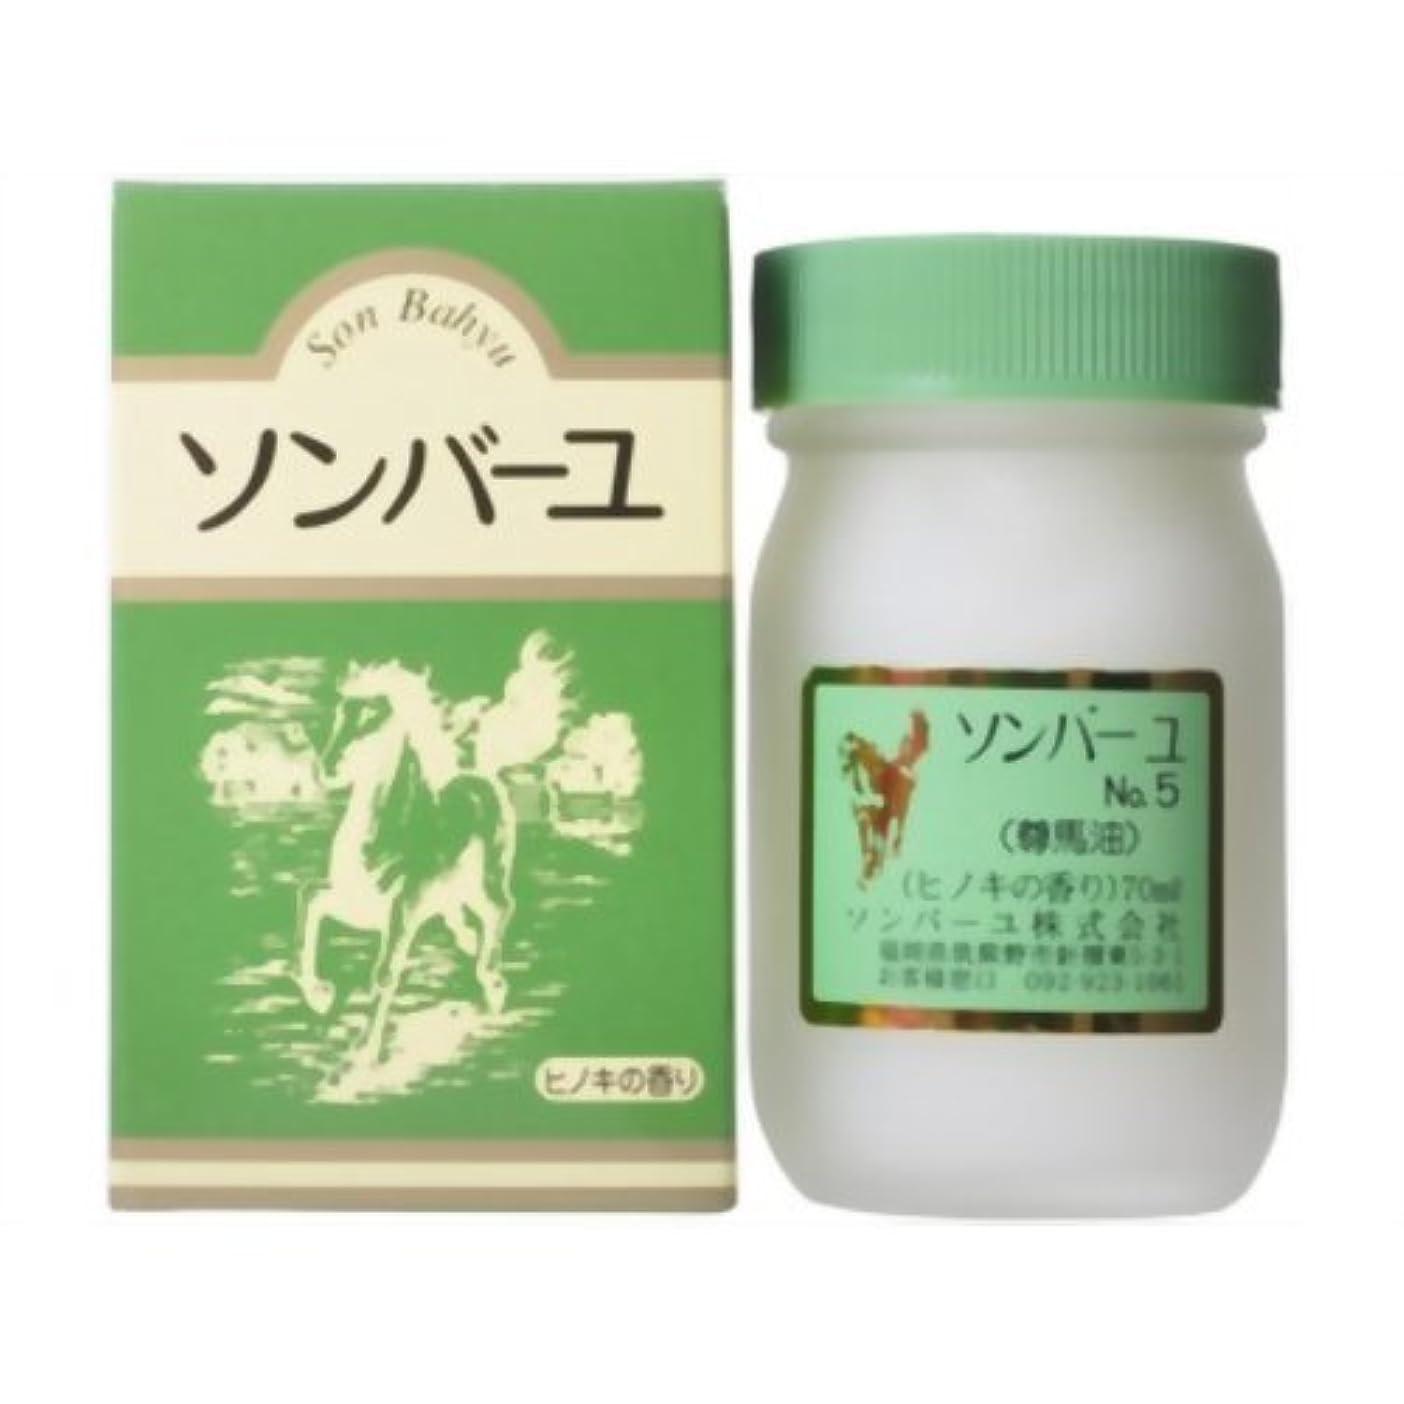 オープニング溶融暗くするソンバーユ ヒノキの香り 70ml